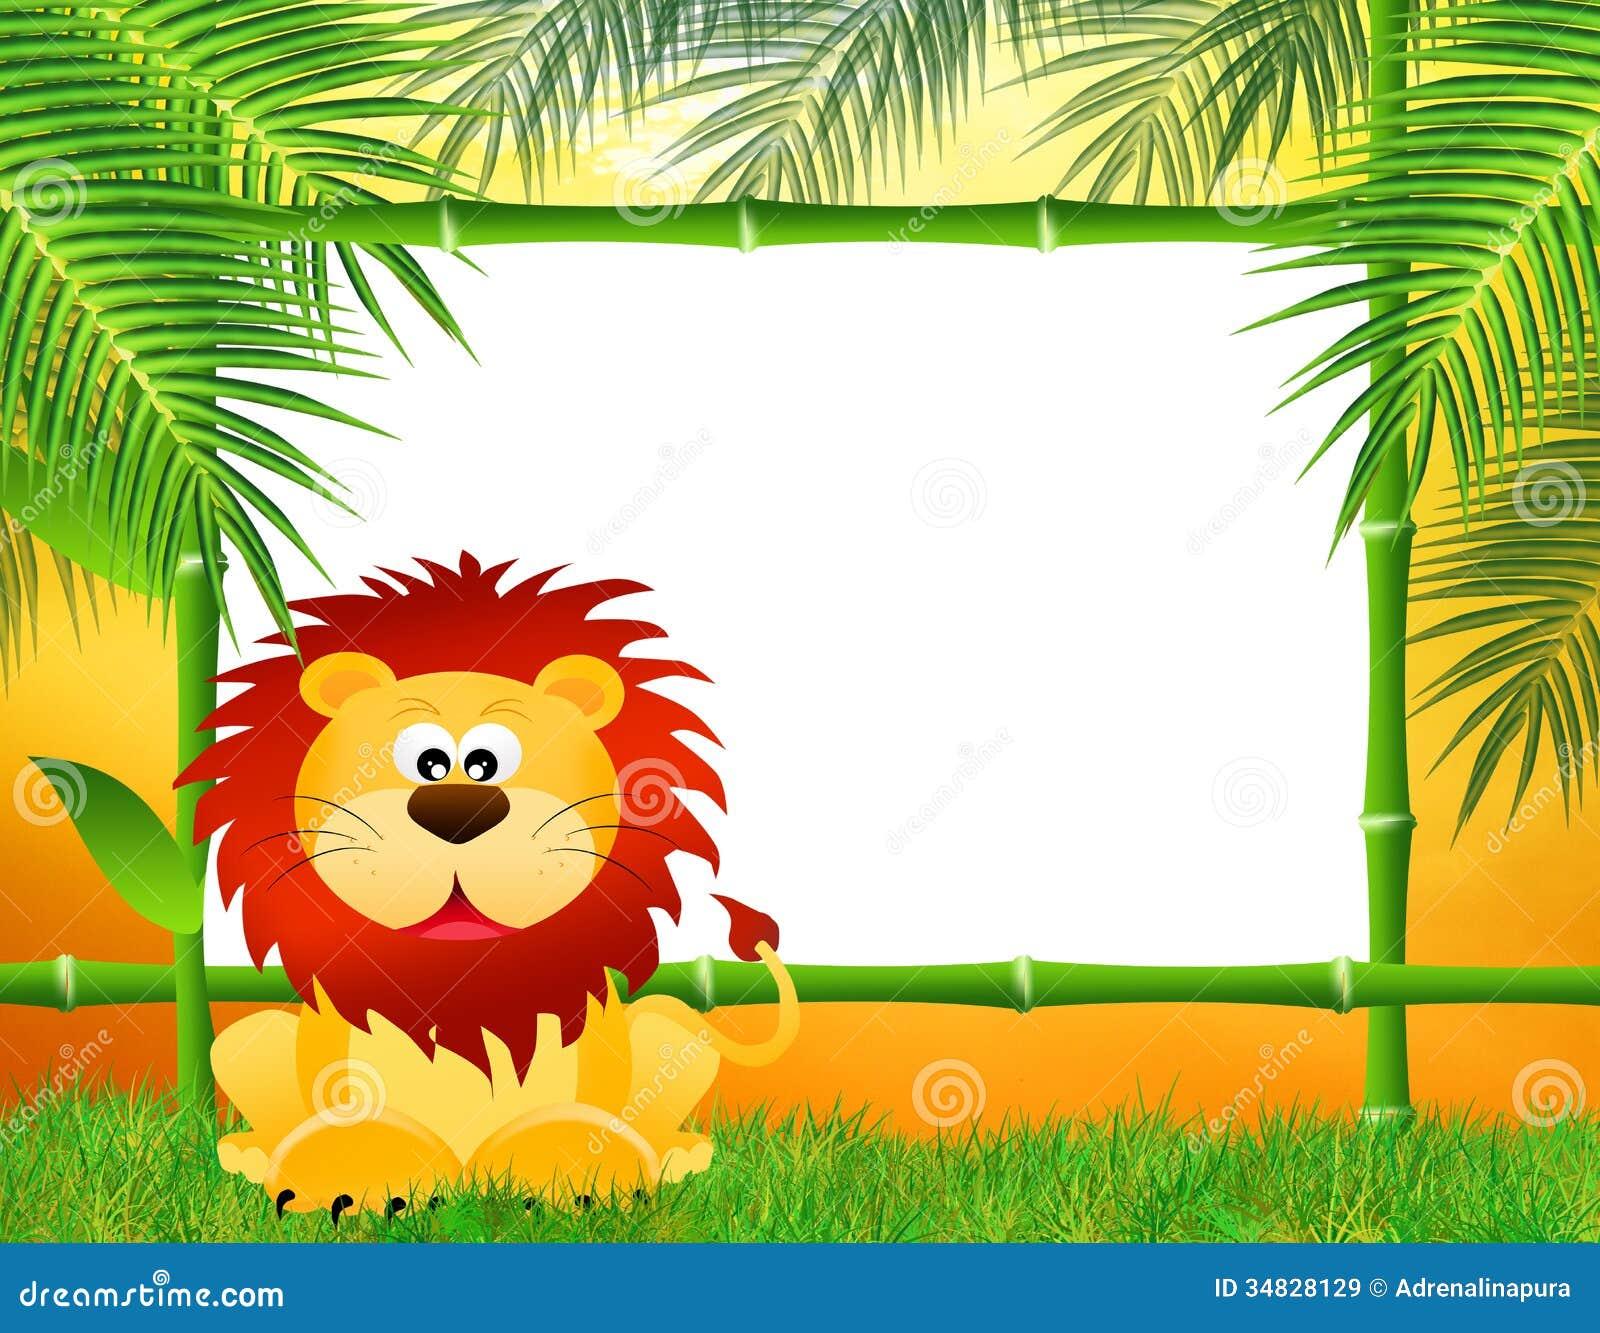 lion cartoon stock illustration image of wild snake. Black Bedroom Furniture Sets. Home Design Ideas